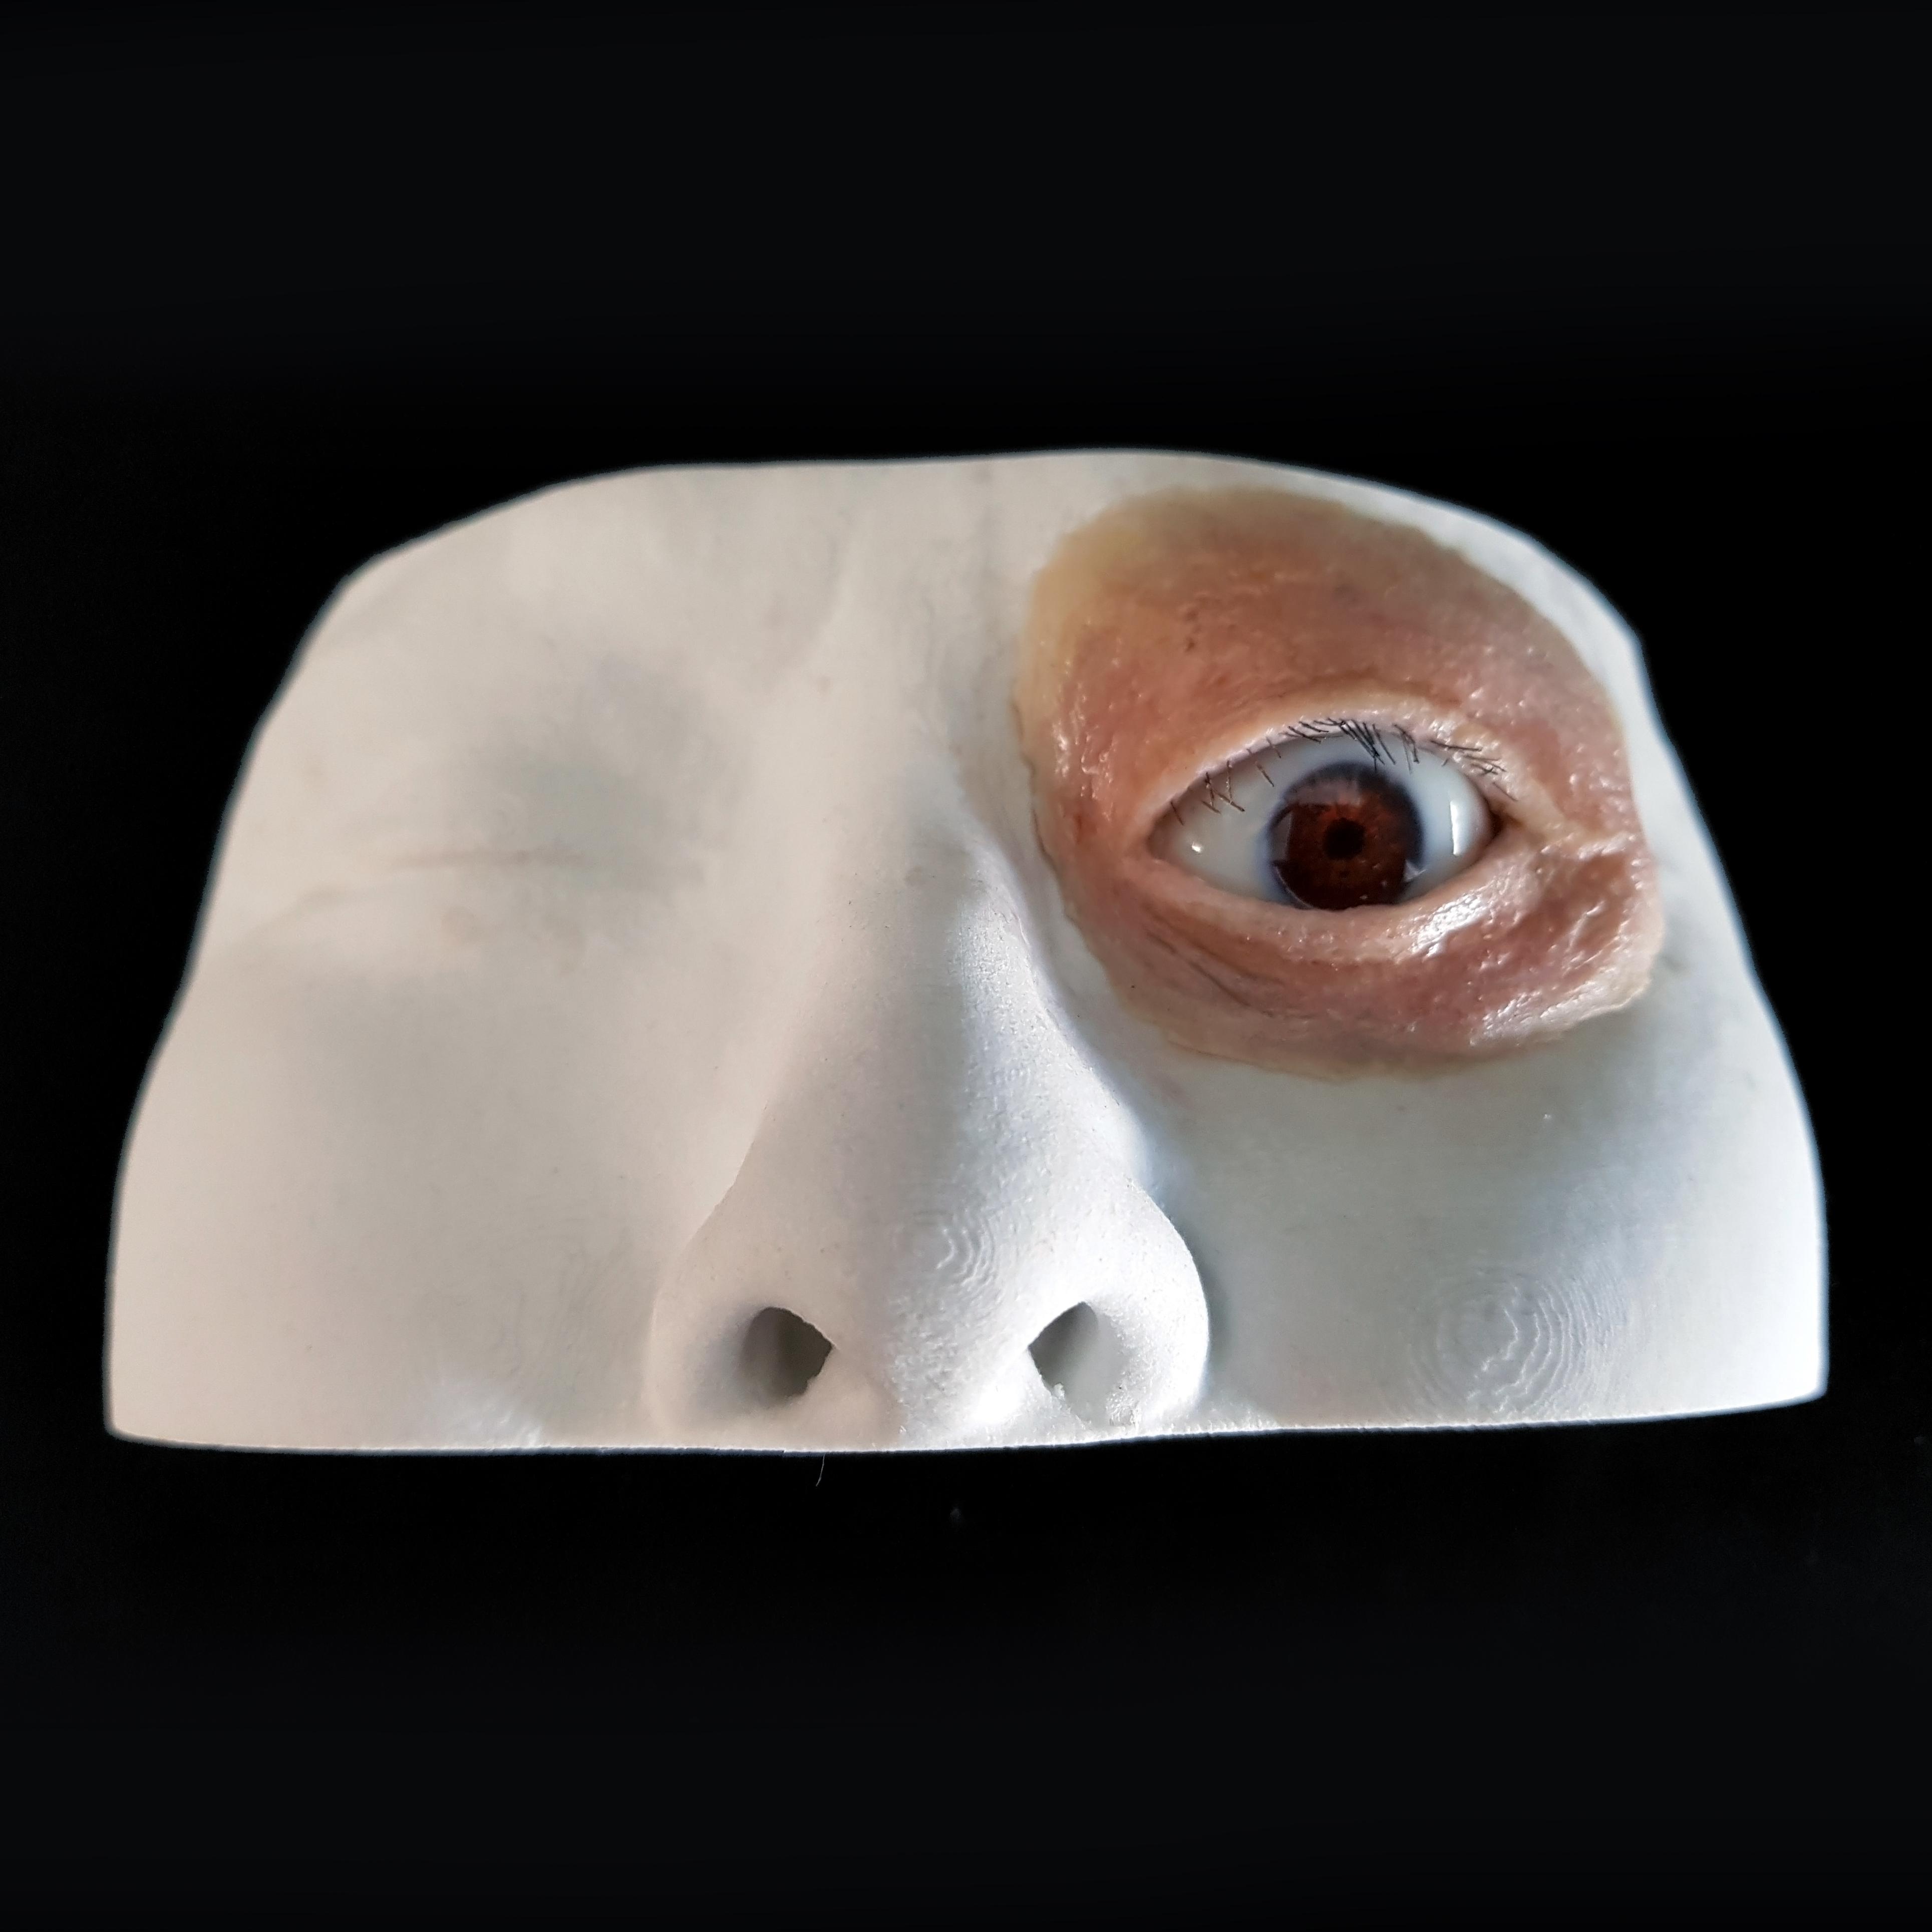 Facial defect-eye